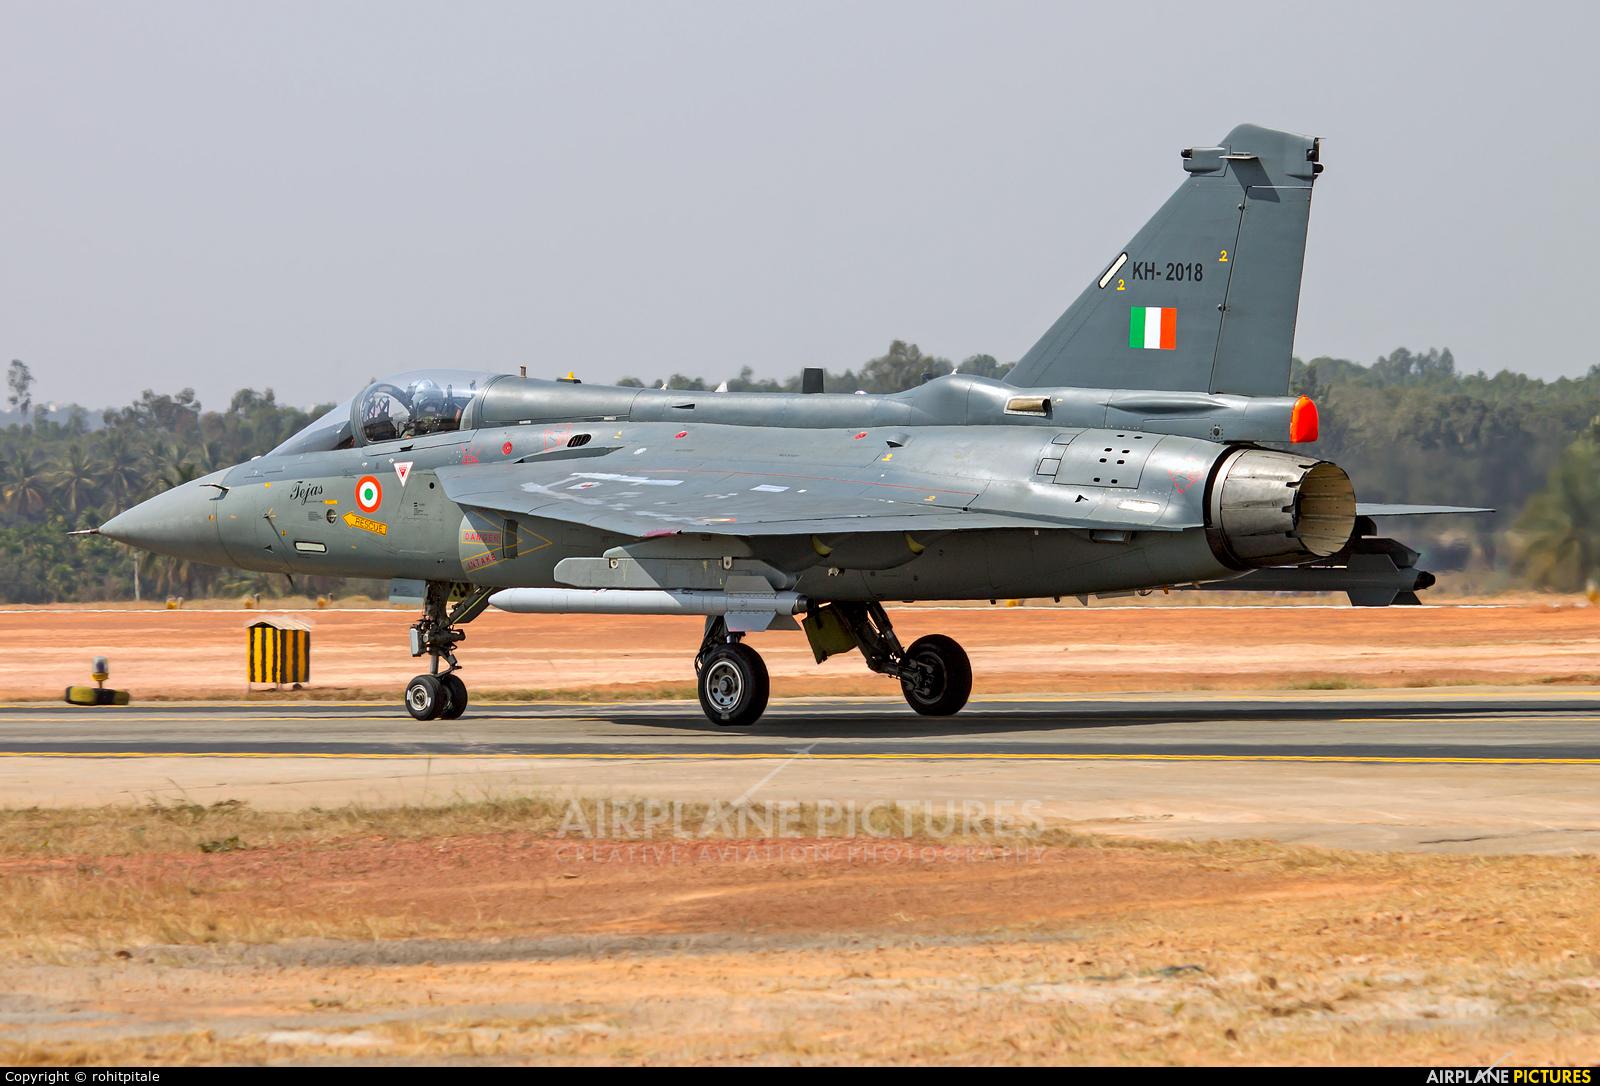 India - Air Force KH-2018 aircraft at Yelahanka AFB